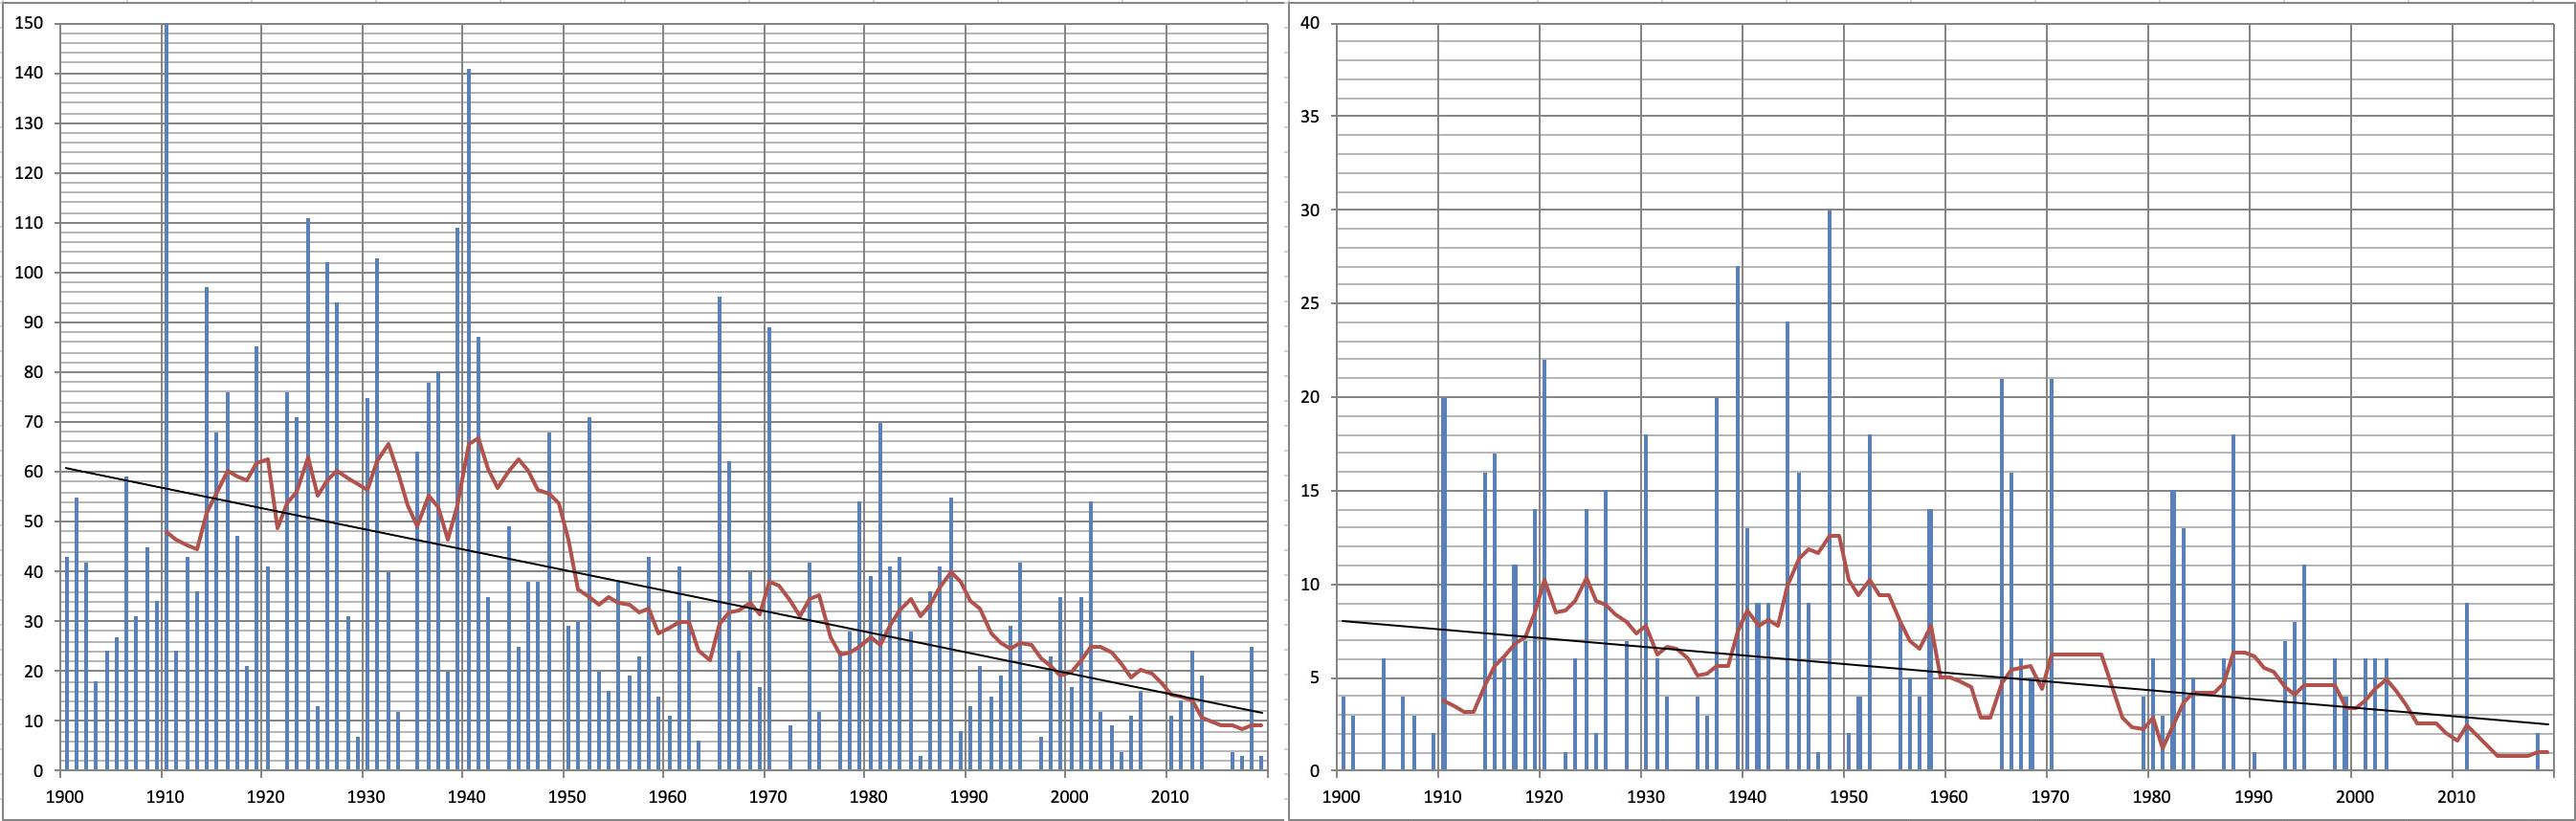 Het aantal dagen per jaar (sinds 1900) dat de waterstand bij Lobith boven de 12,5 stijgt (links) en boven de 14,5 m (rechts).